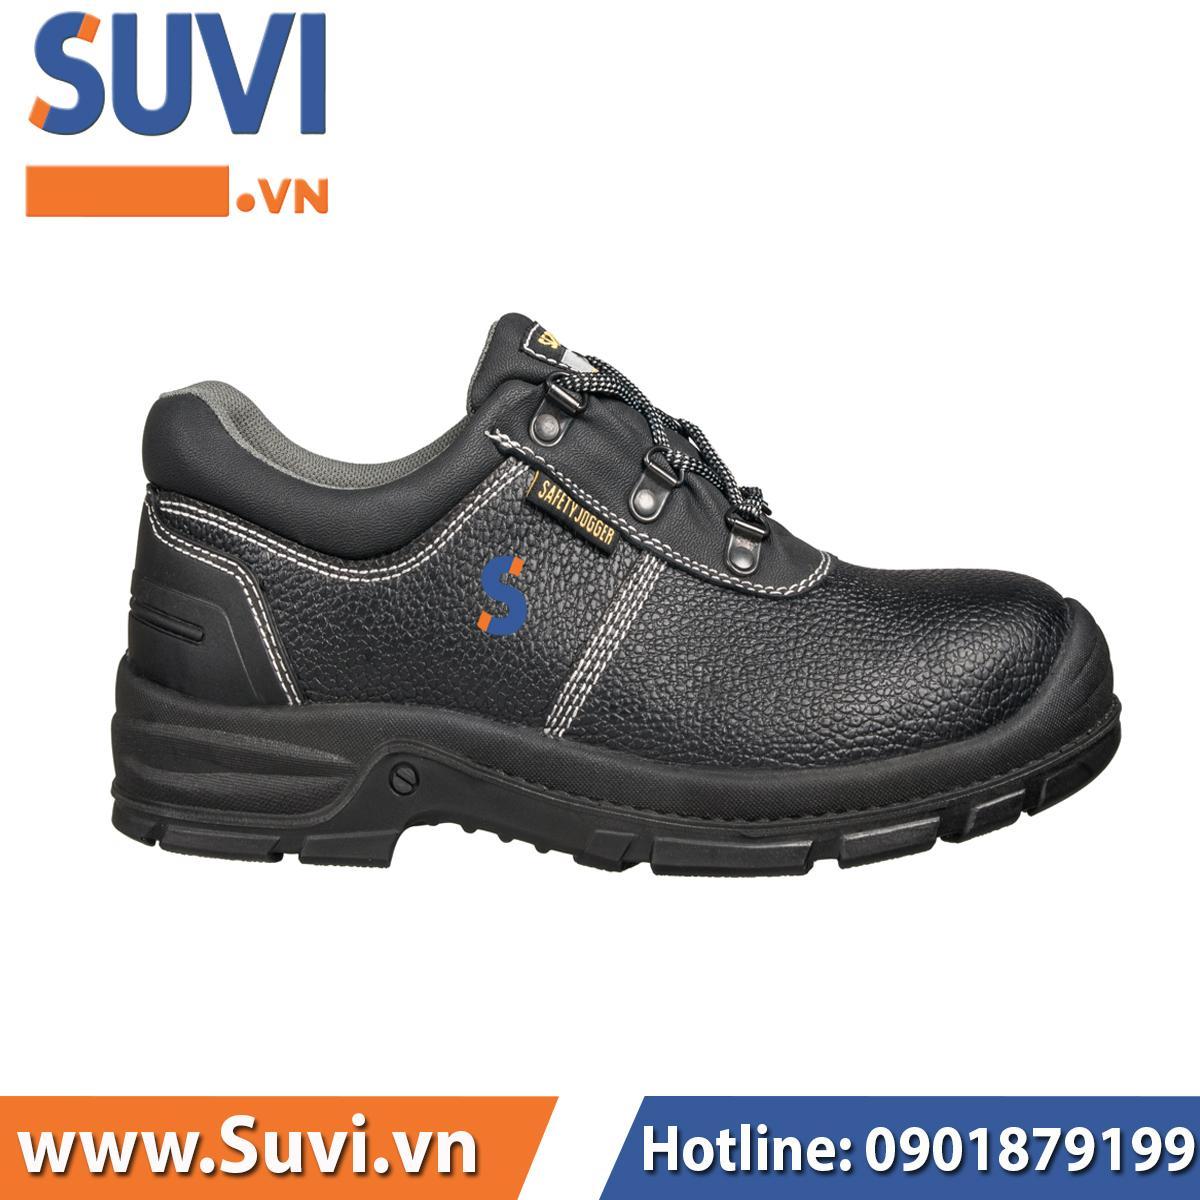 Giày Bảo Hộ Safety Jogger Bestrun2 S3 Size 40